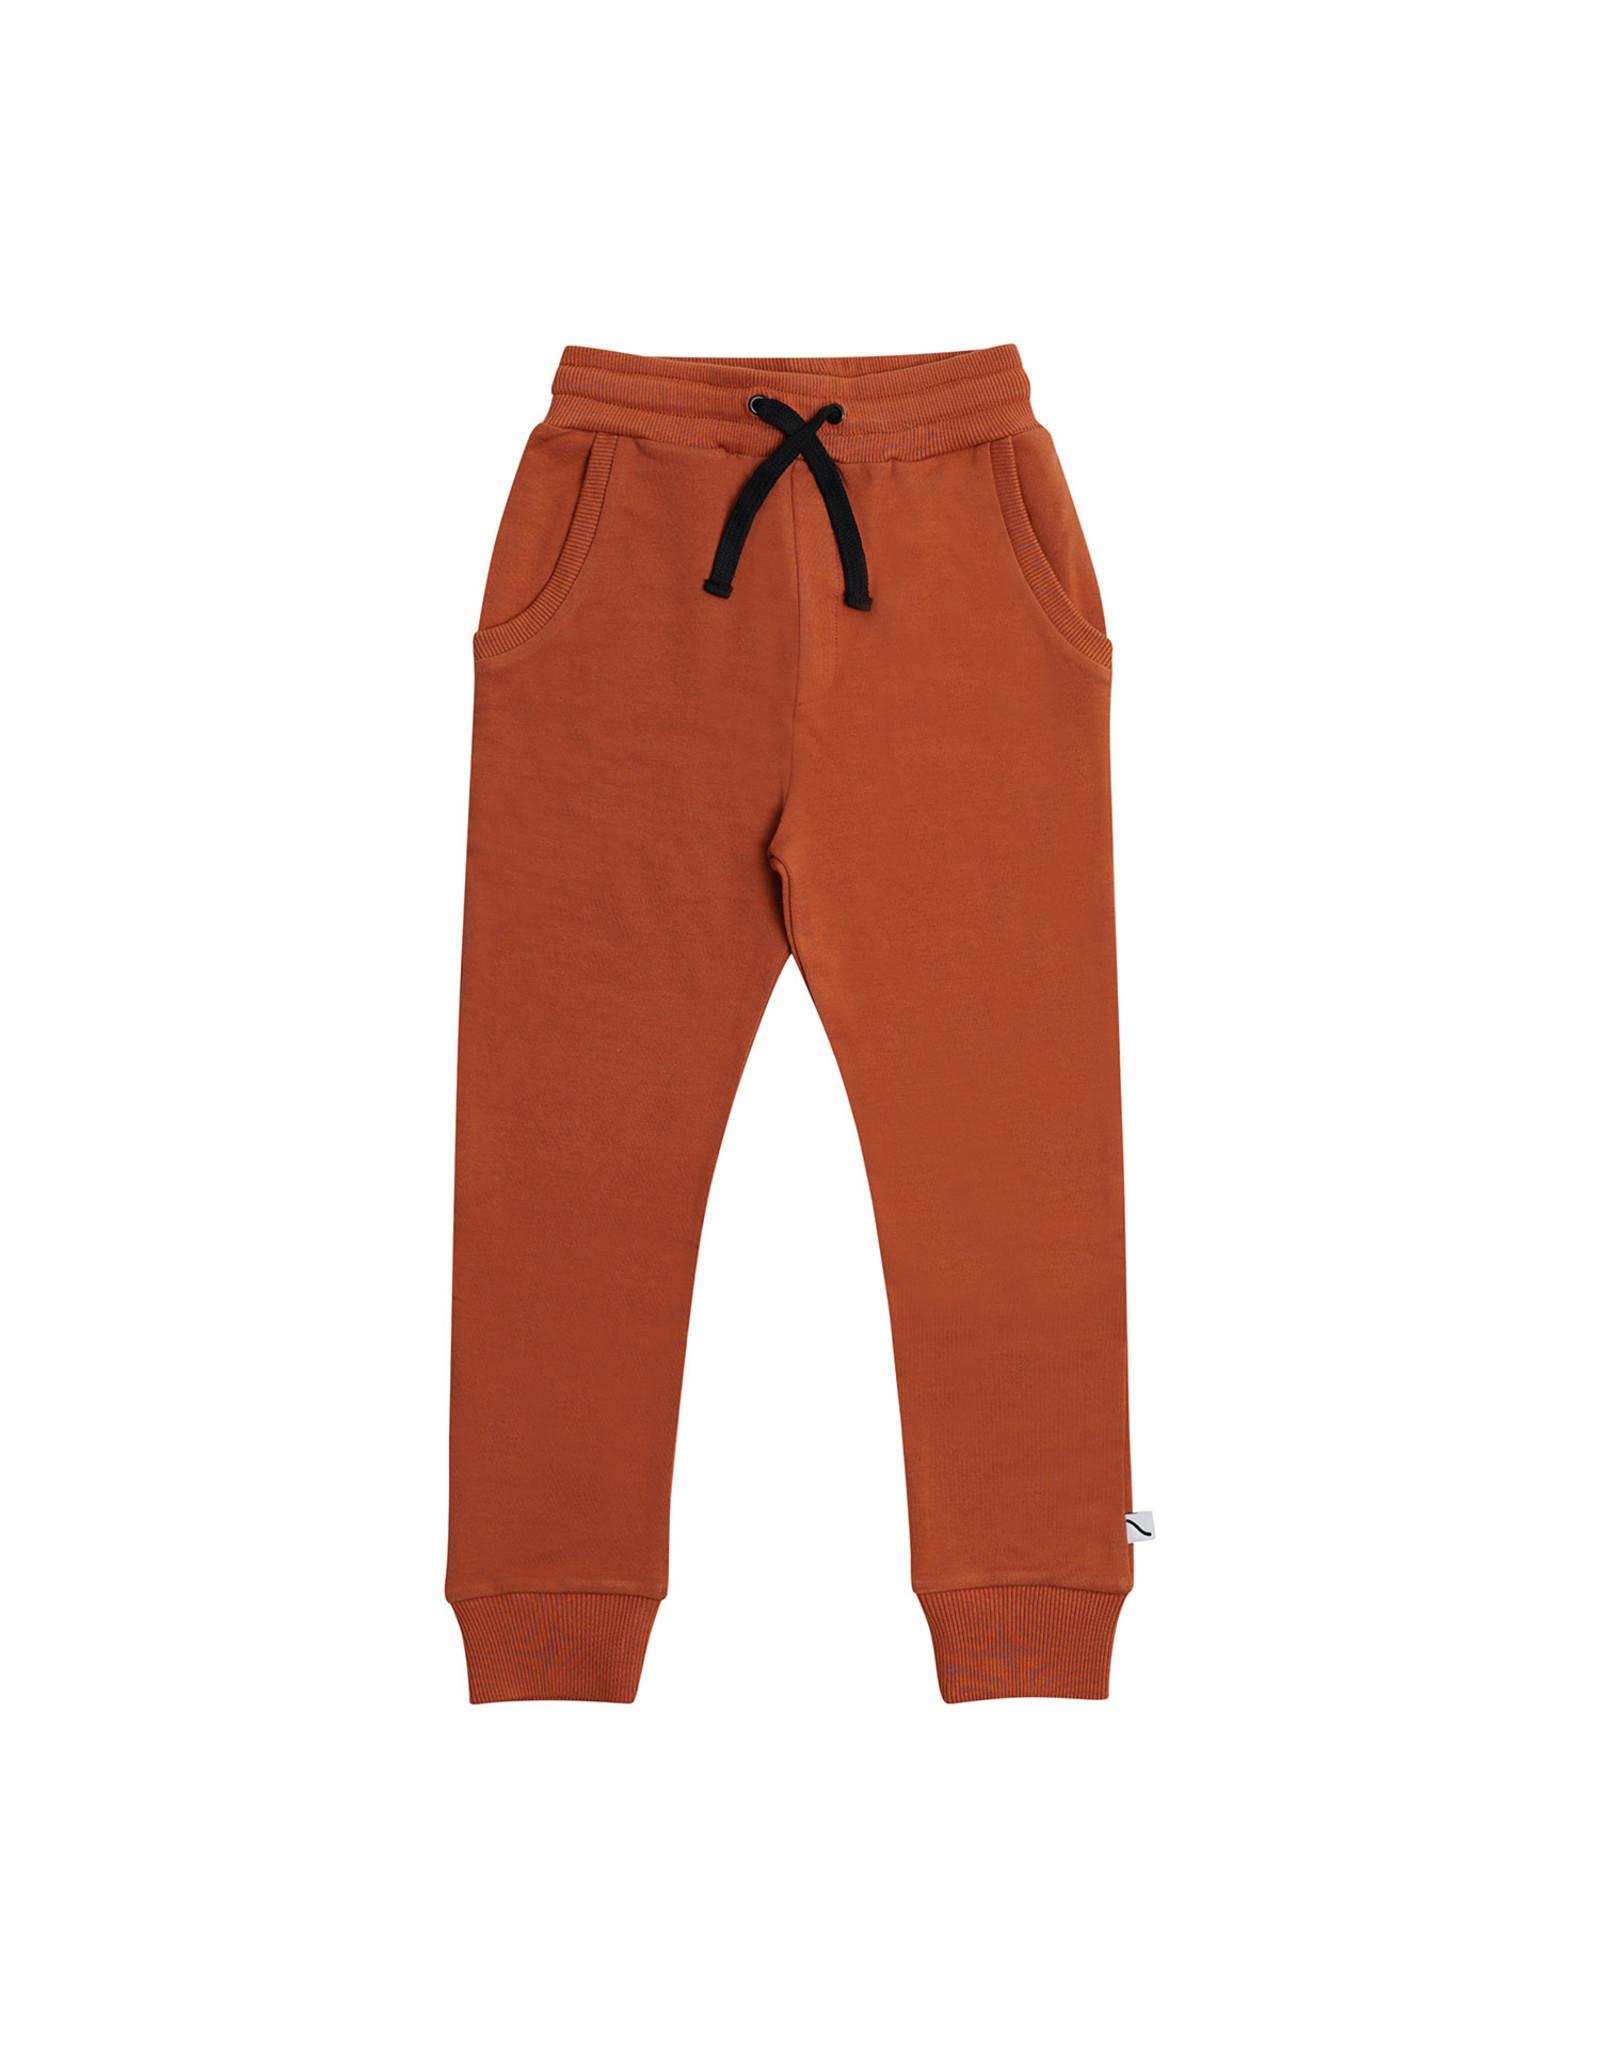 Carlijn Q Carlijn Q Basics - Sweatpants